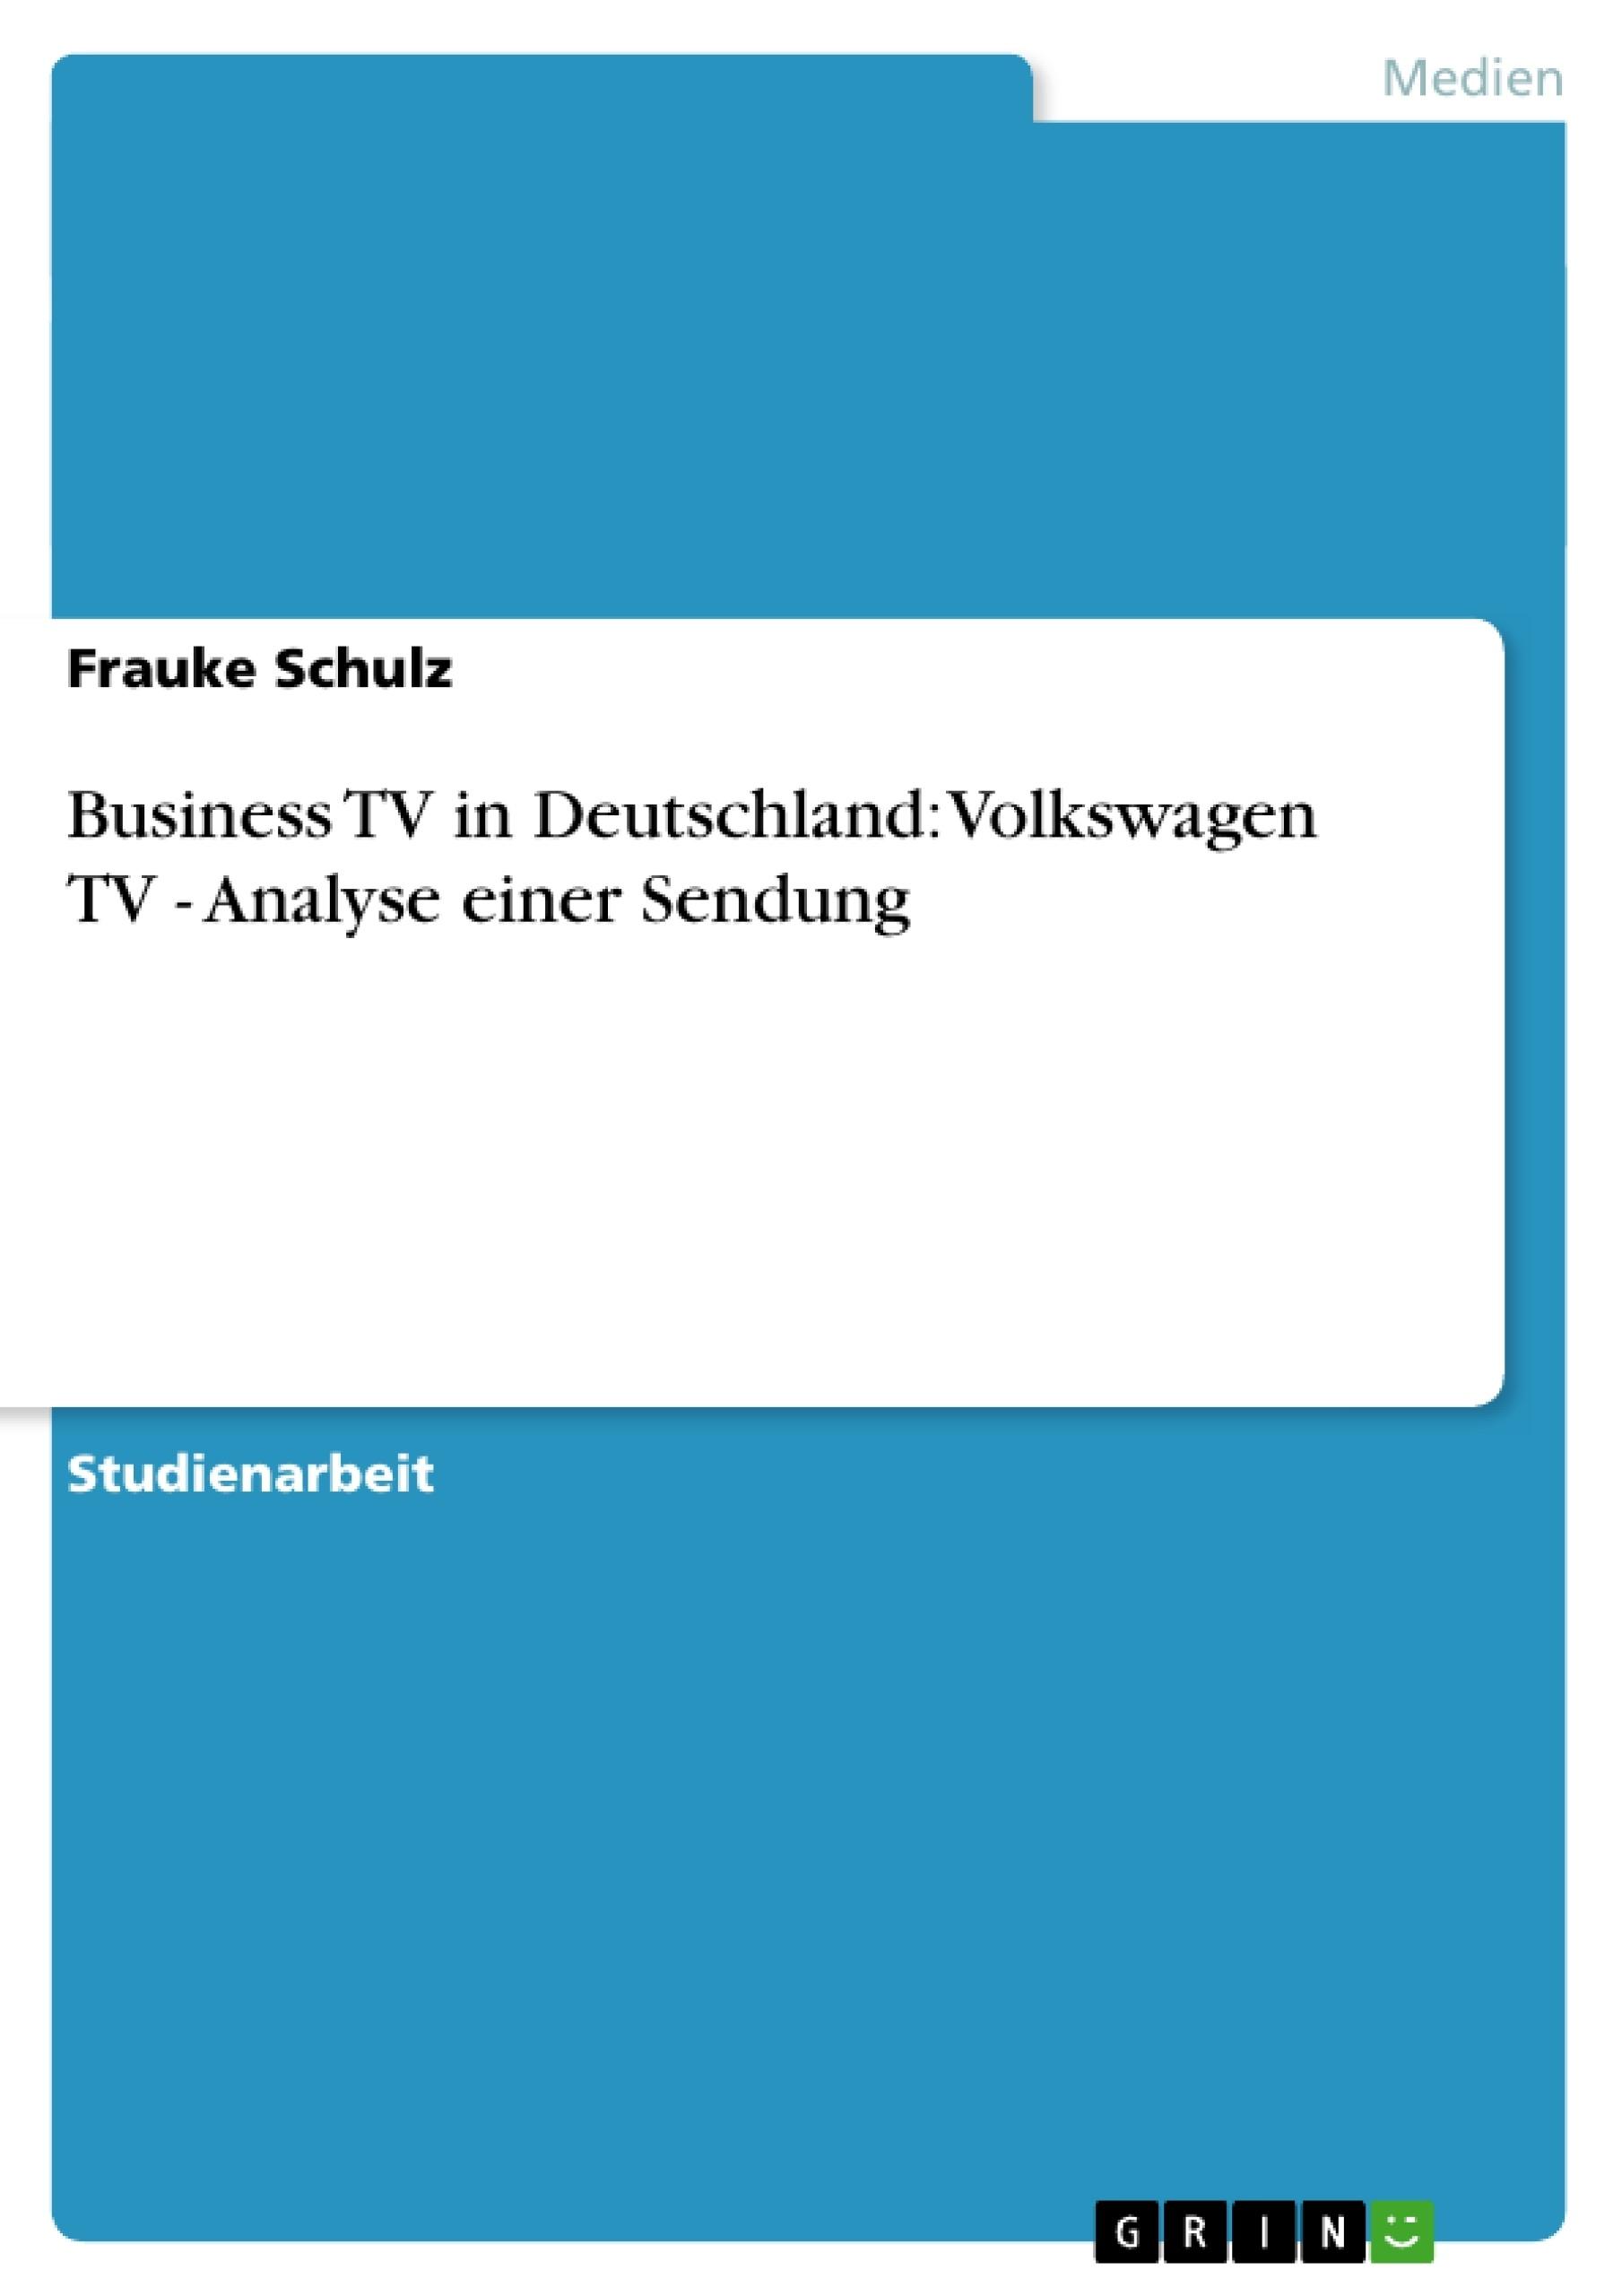 Titel: Business TV in Deutschland: Volkswagen TV - Analyse einer Sendung